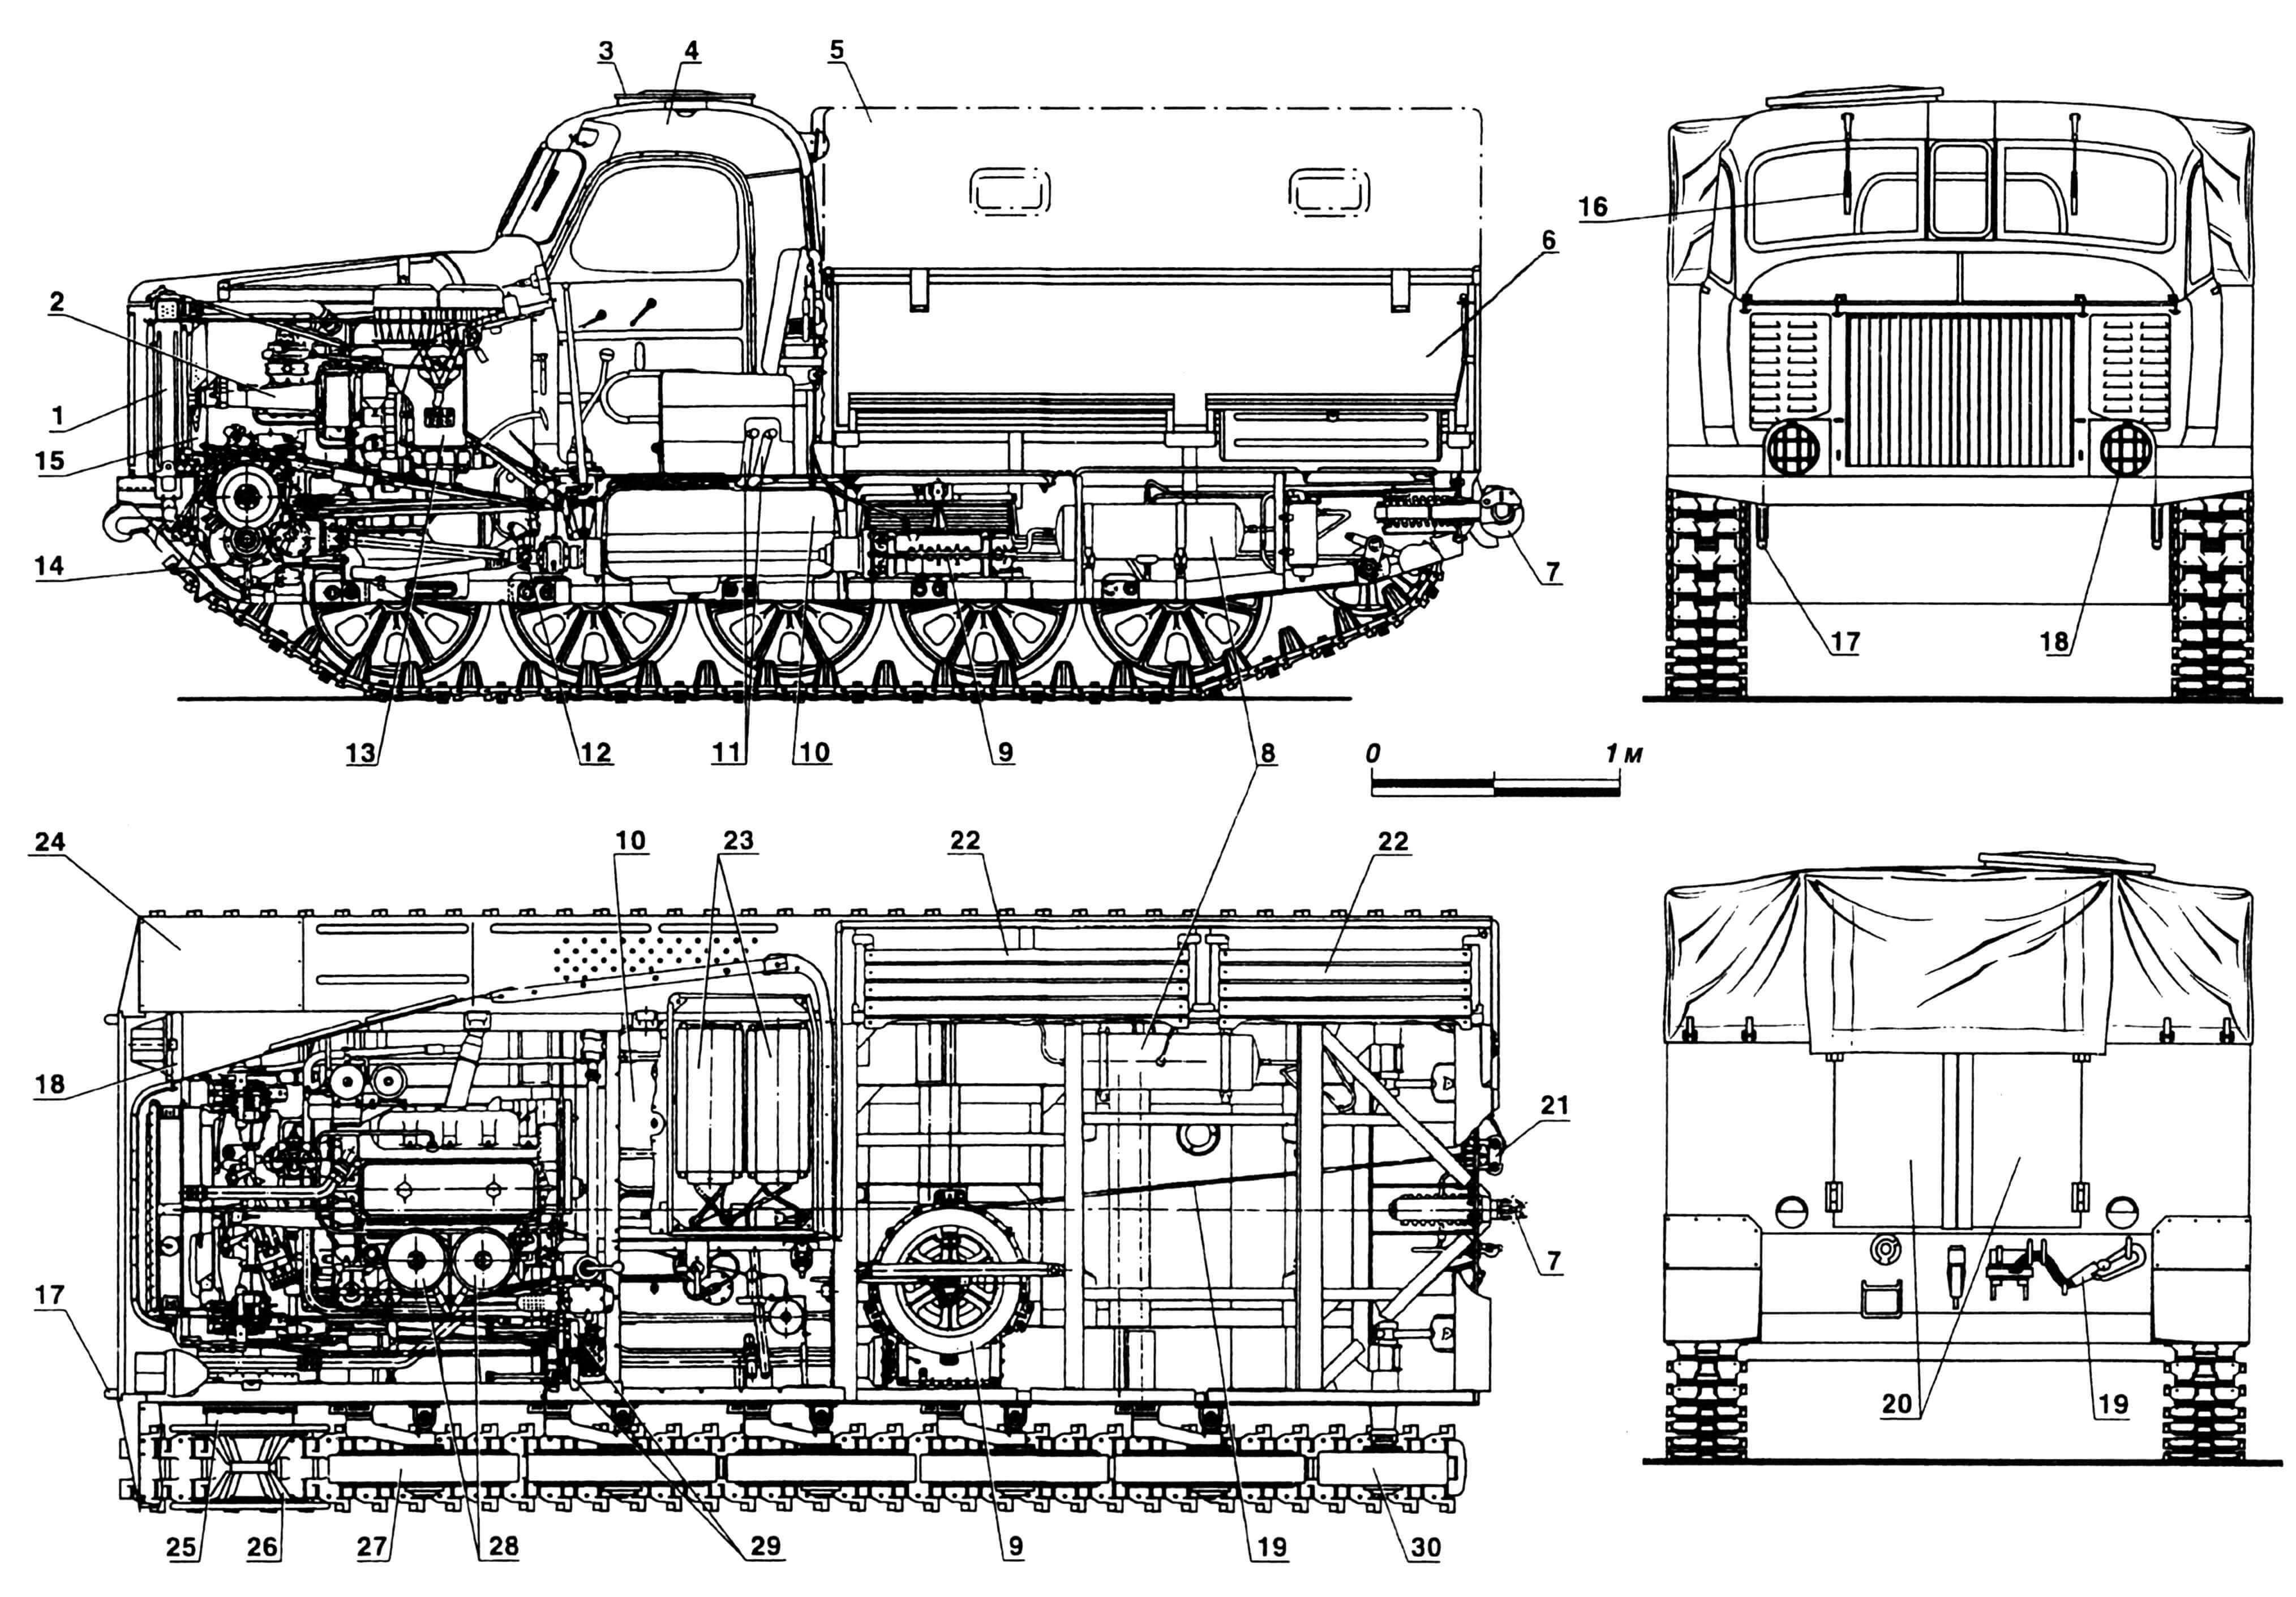 Легкий артиллерийский тягач АТ-Л(А): 1 — радиатор; 2 — рессора привода вентилятора; 3 — люк командира; 4 — кабина; 5 — тент; 6 — кузов; 7 — прибор тягово-сцепной; 8 — рессивер воздушной системы; 9 — лебедка; 10 — баки топливные; 11 — горловины заливные; 12 — вал карданный привода лебедки; 13 — двигатель; 14 — передача главная; 15 — вентилятор; 16 — стеклоочиститель; 17 — крюки буксировочные; 18 — фары; 19 — трос; 20 — двери кузова; 21 — ролики троса лебедки, выводные; 22 — сиденья откидные; 23 — аккумуляторы; 24 — подкрылок; 25 — передача бортовая; 26 — колесо ведущее; 27 — каток опорный; 28 — фильтры воздушные; 29 — рычаги управления; 30 — колесо направляющее.